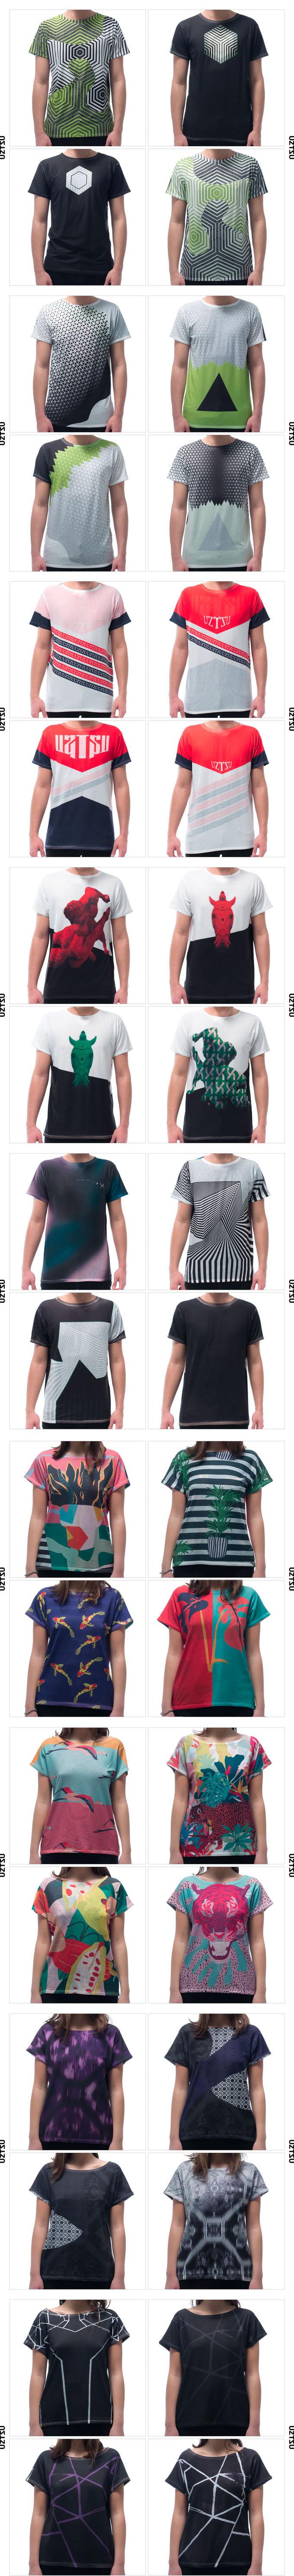 Moda Reversível : a camiseta Uztzu pode ser usada de 4 maneiras diferentes stylo urbano-2